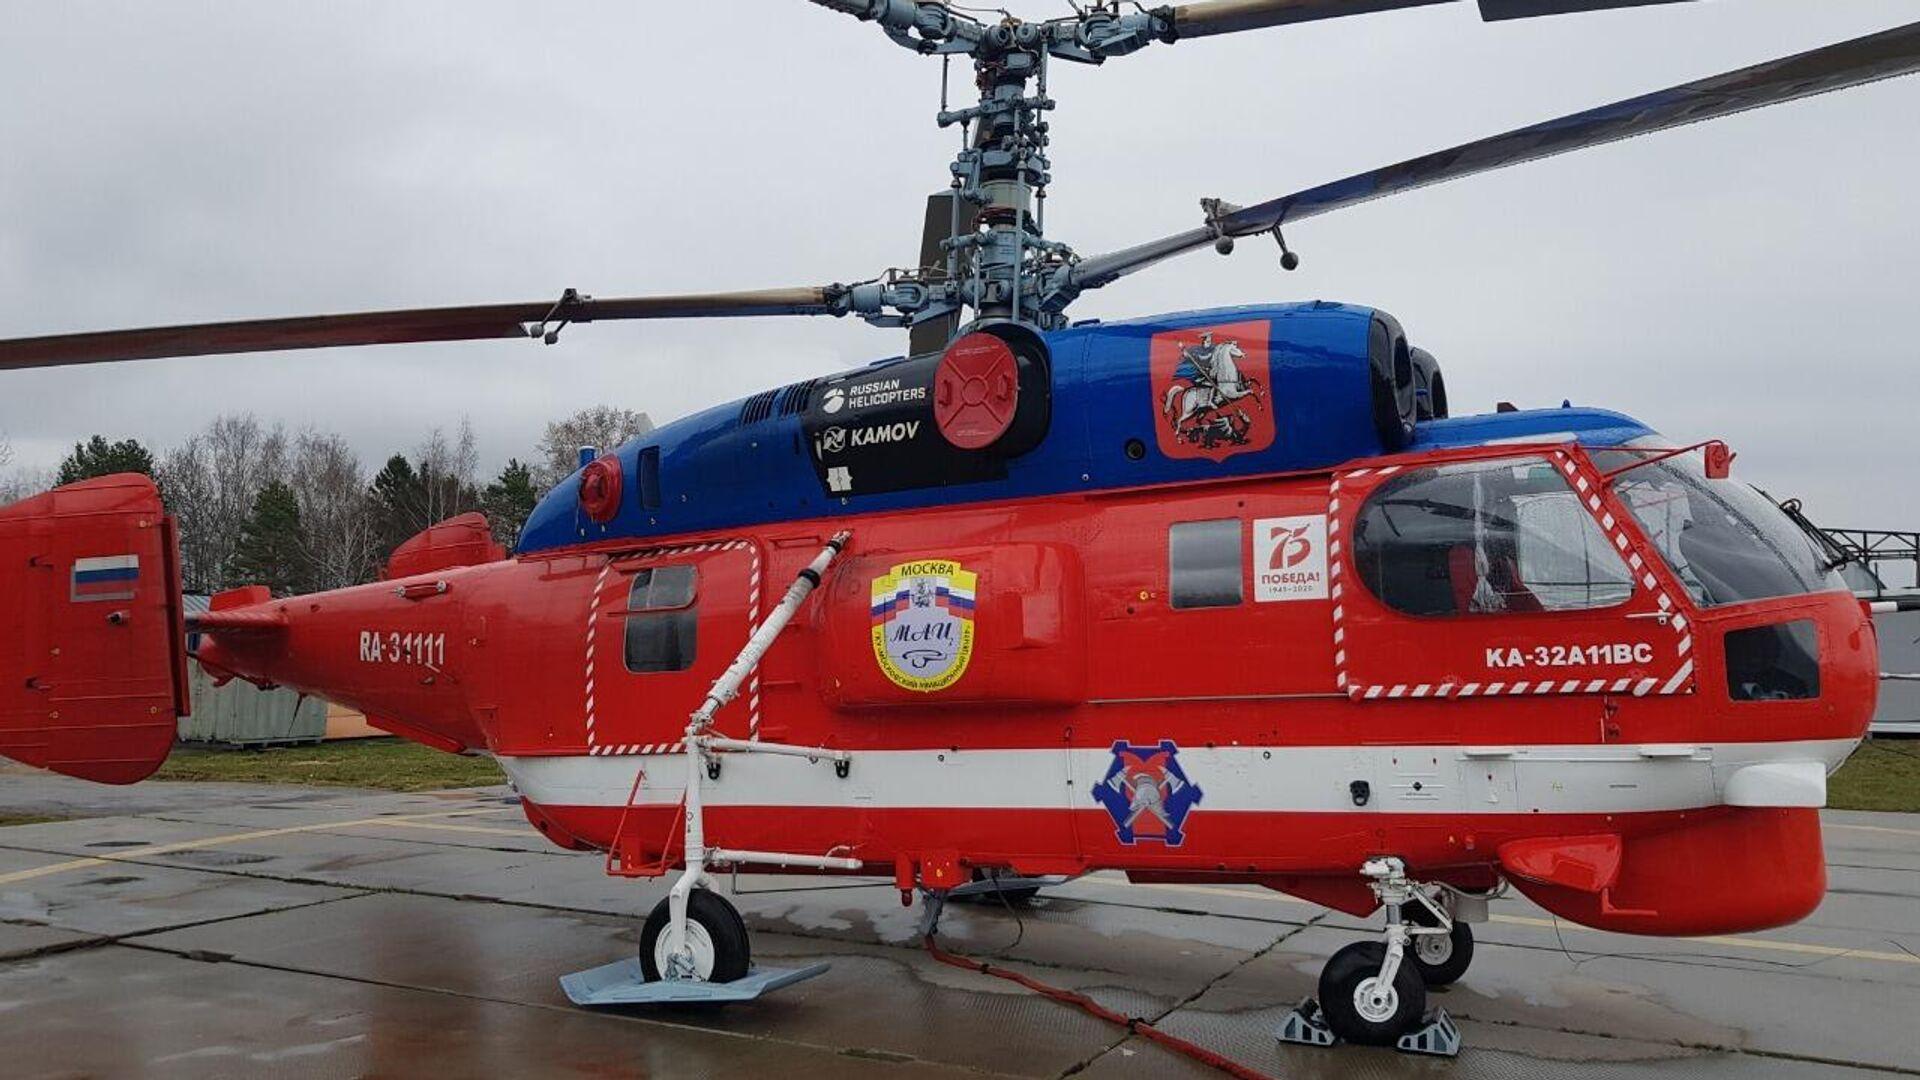 Новый пожарный вертолет Ка-32А11ВС Московского авиационного центра (МАЦ) заступил на первое дежурство - РИА Новости, 1920, 17.09.2020